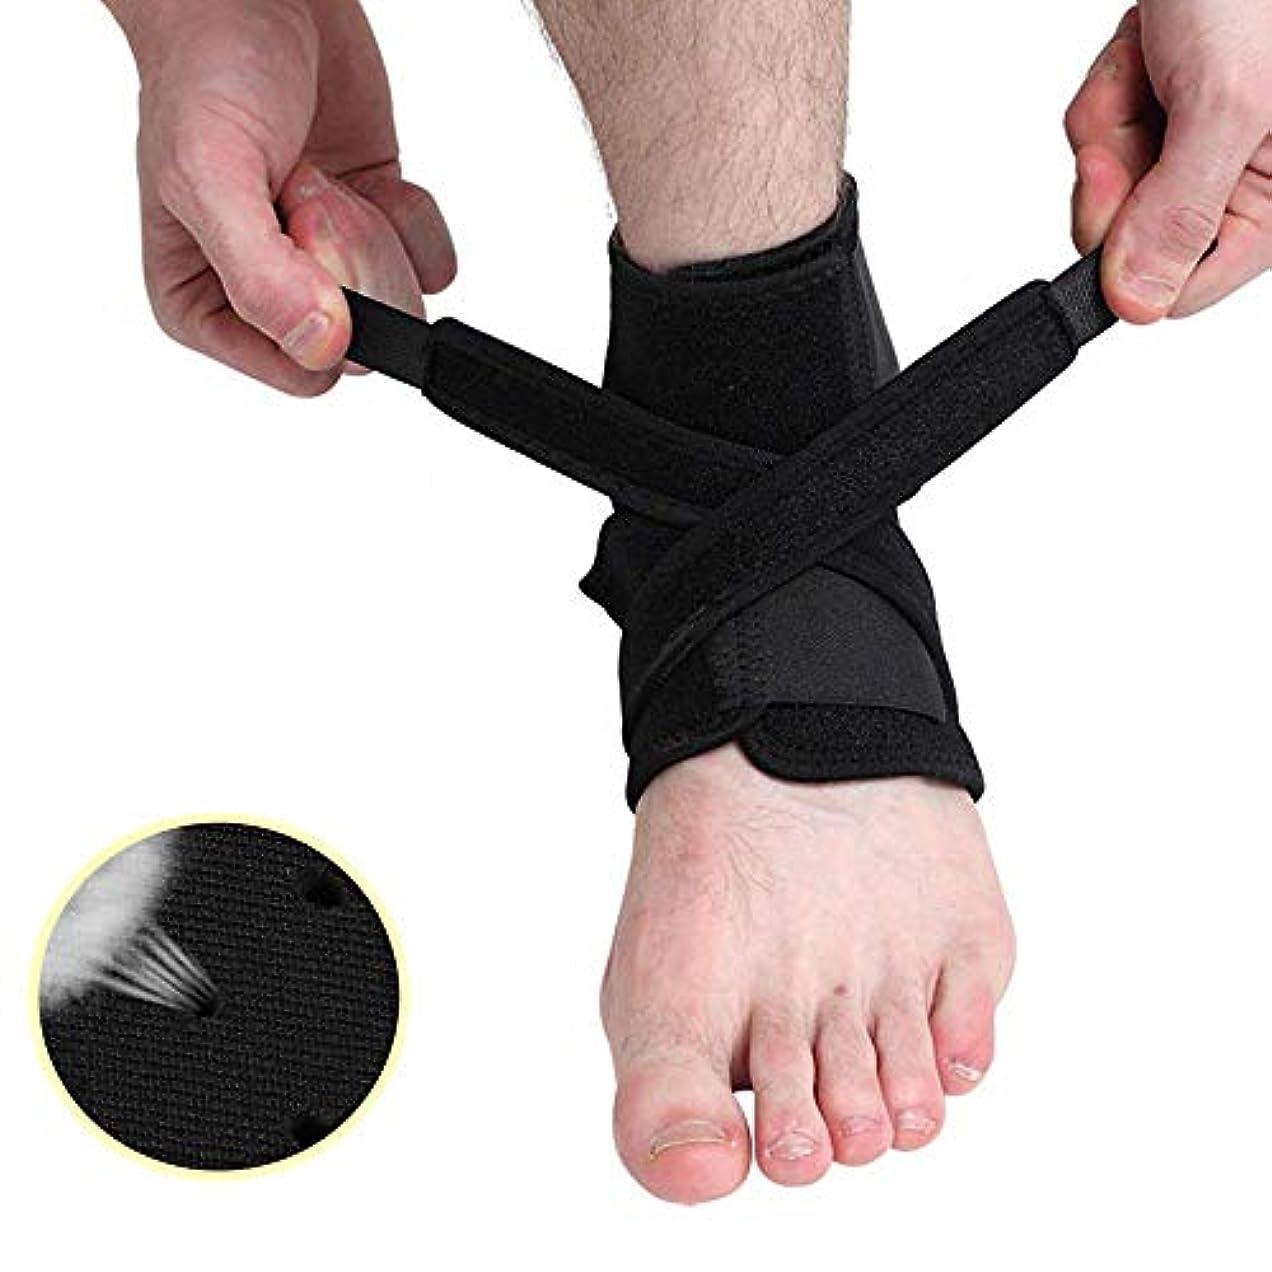 取り出す不平を言う警官足首関節サポート - 男性と女性用の足首関節包帯、通気性足首関節ケア、ウォーキング、ランニング、関節炎捻挫保護に適しています